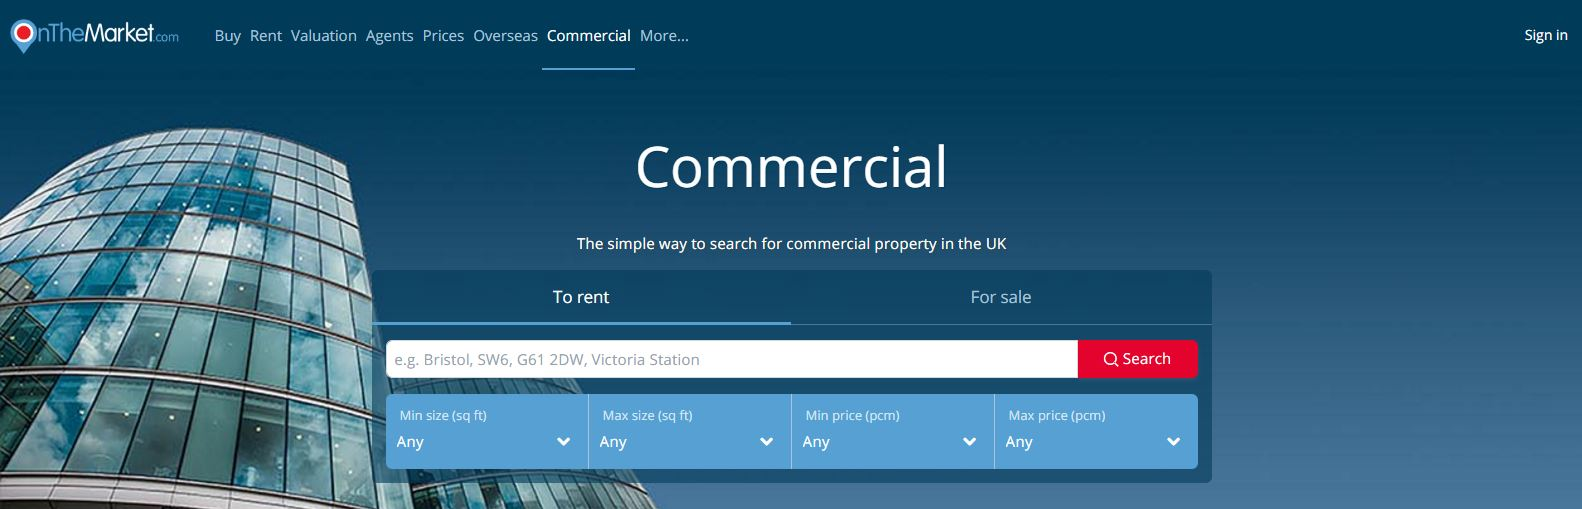 Onthemarket.com commercial screen shot